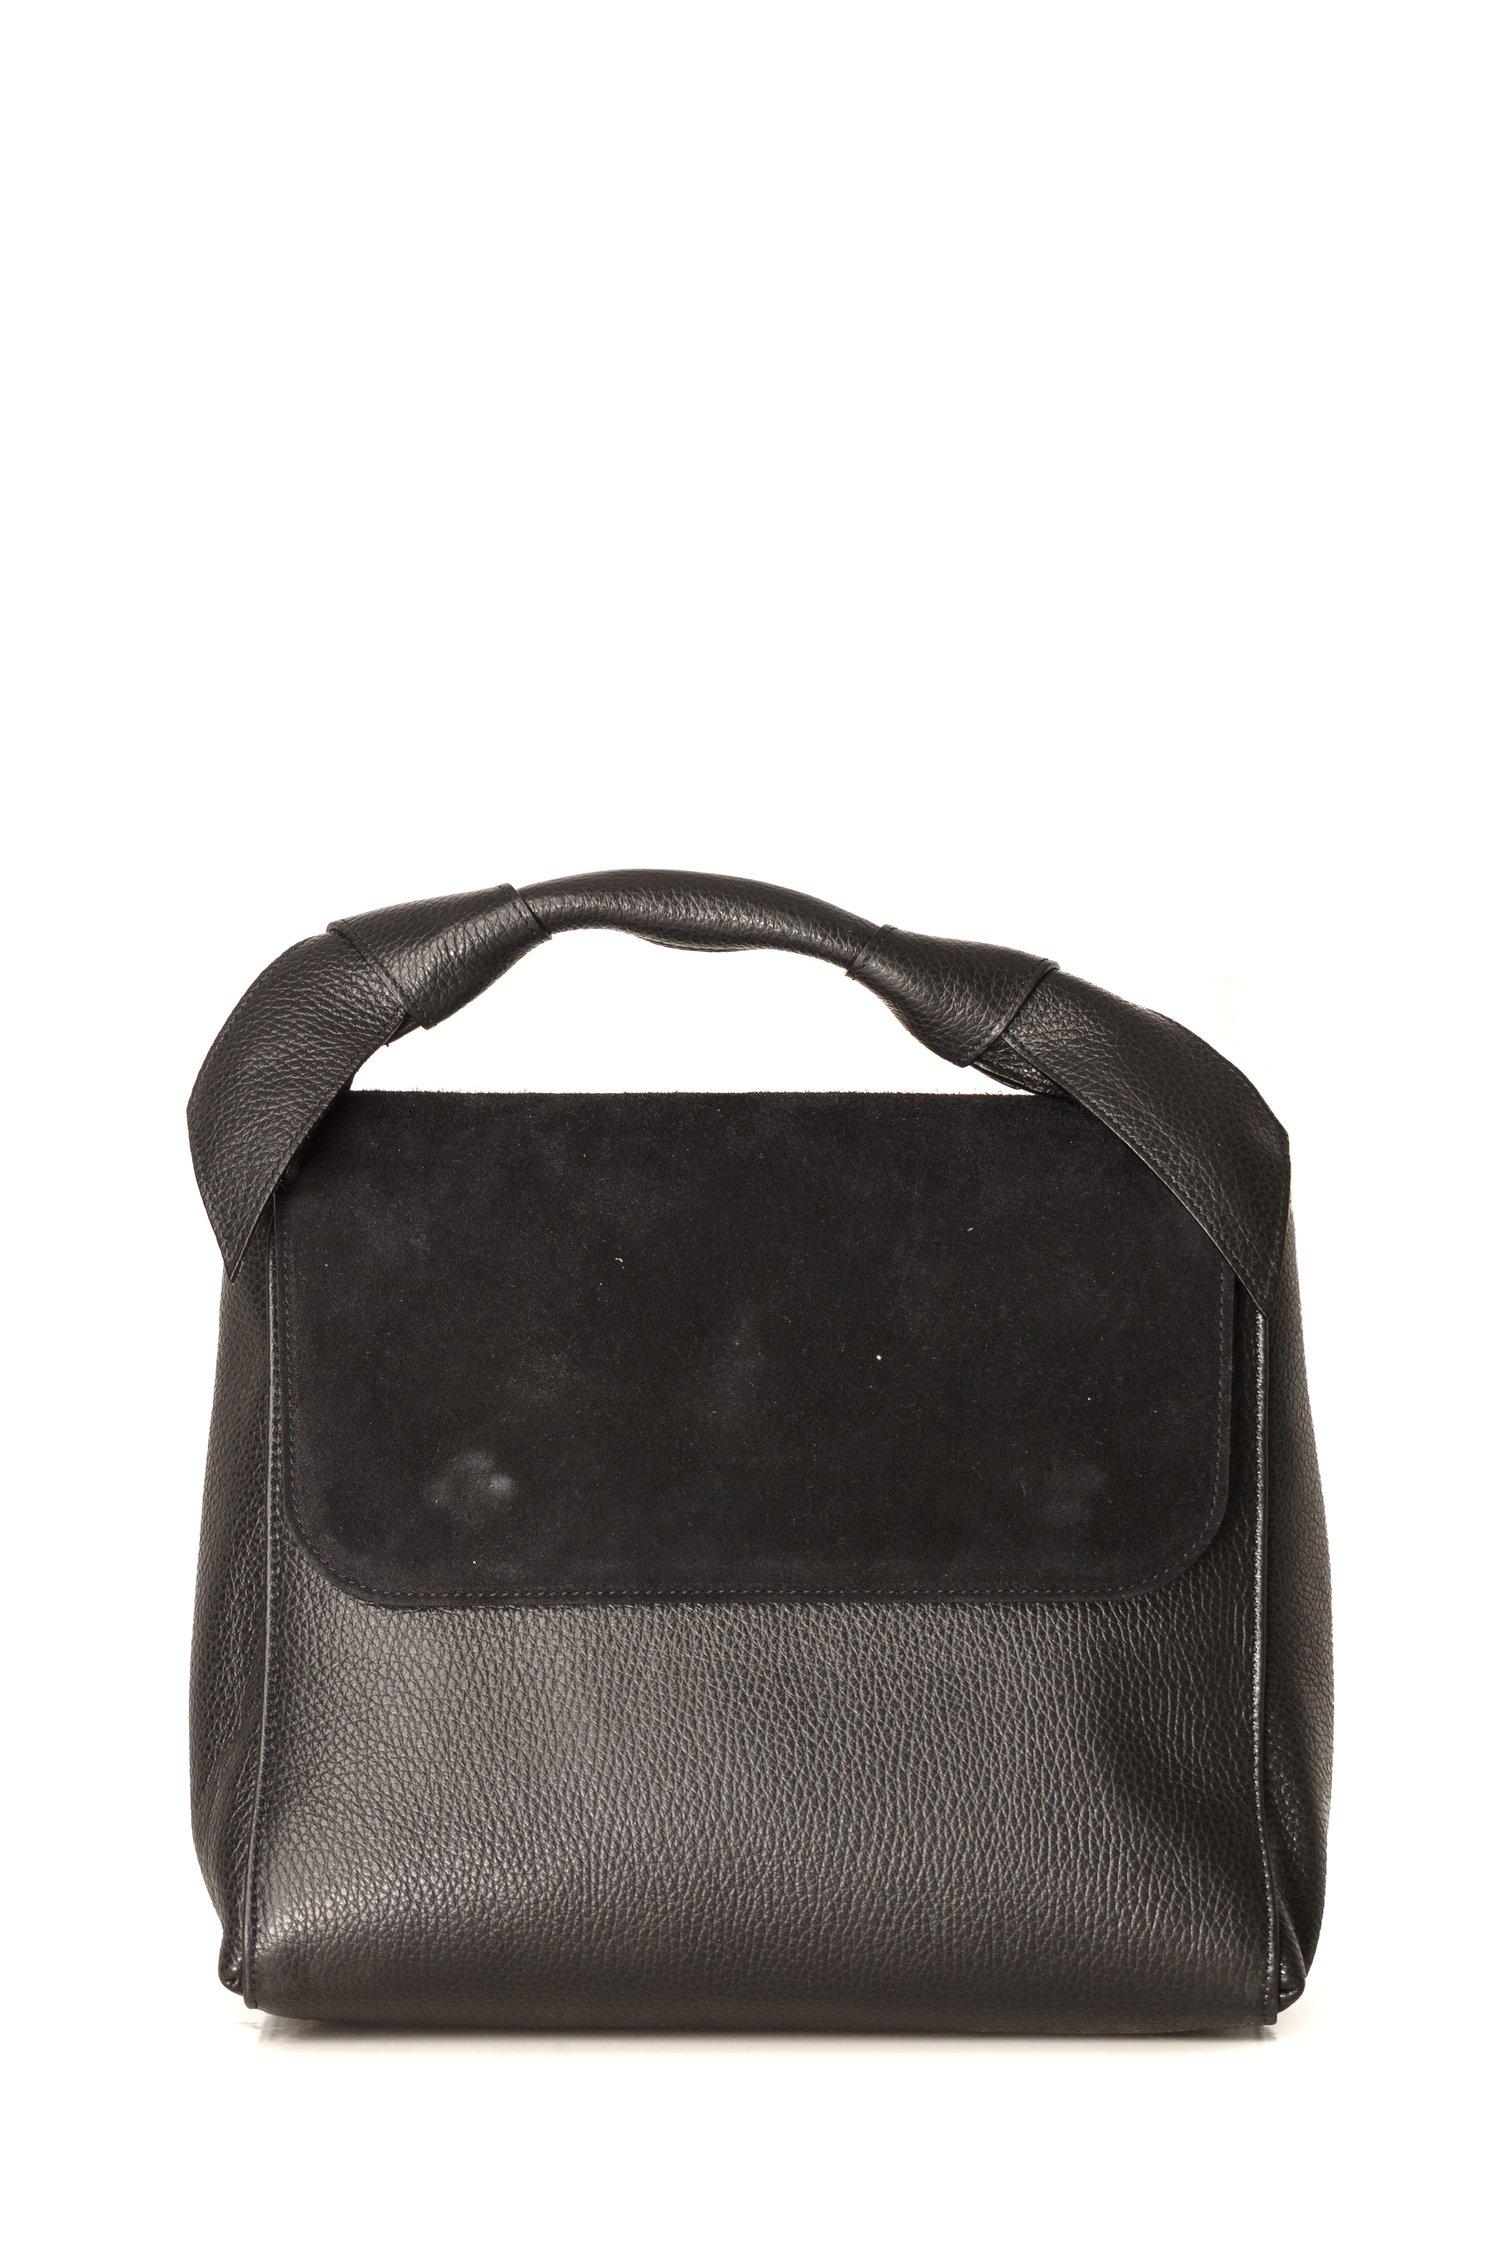 Geanta neagra din piele naturala cu aplicatii la maner